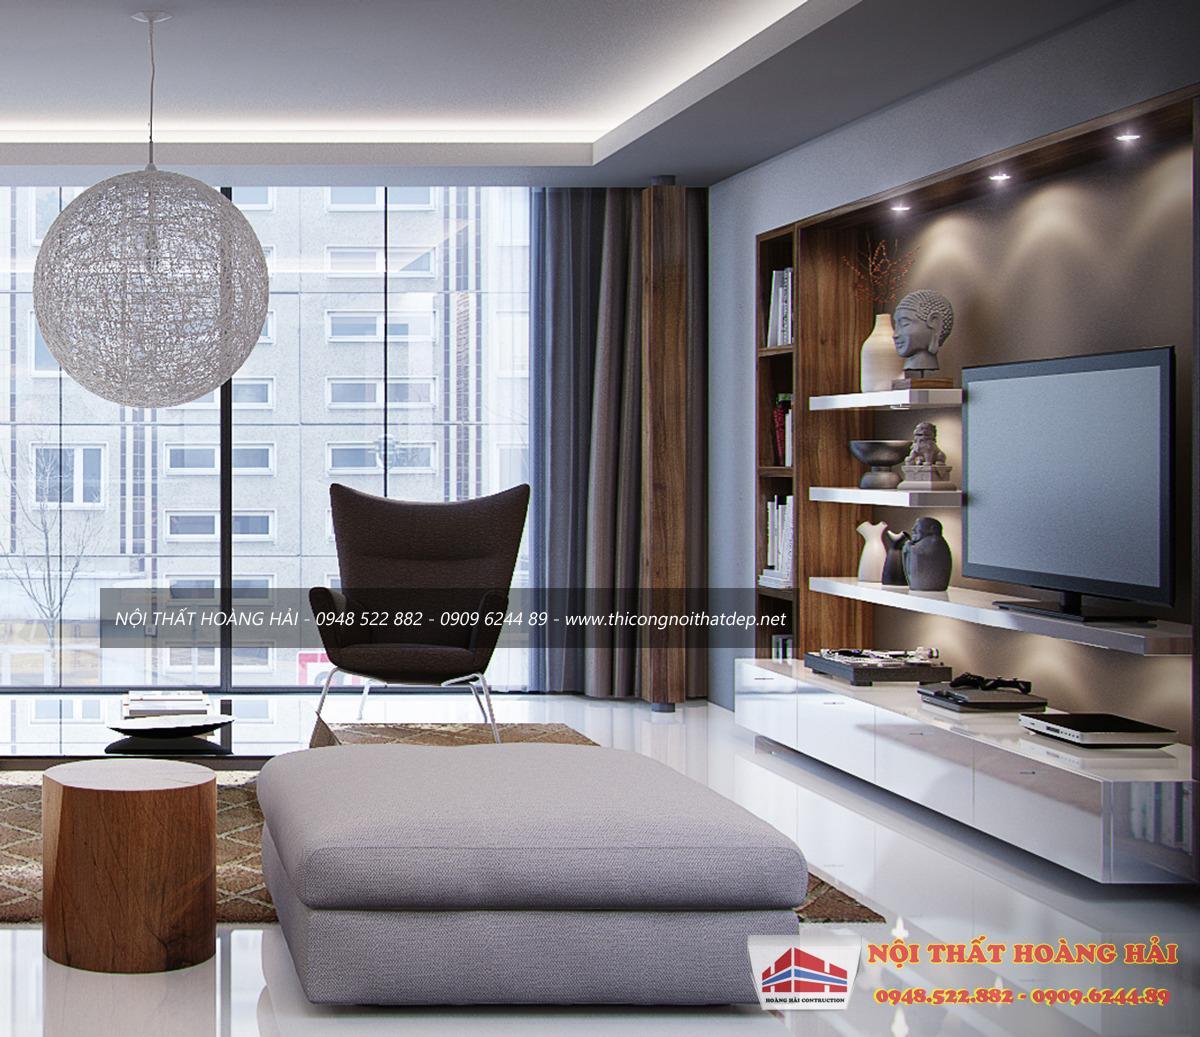 thiết kế nội thất chung cưhiện đại